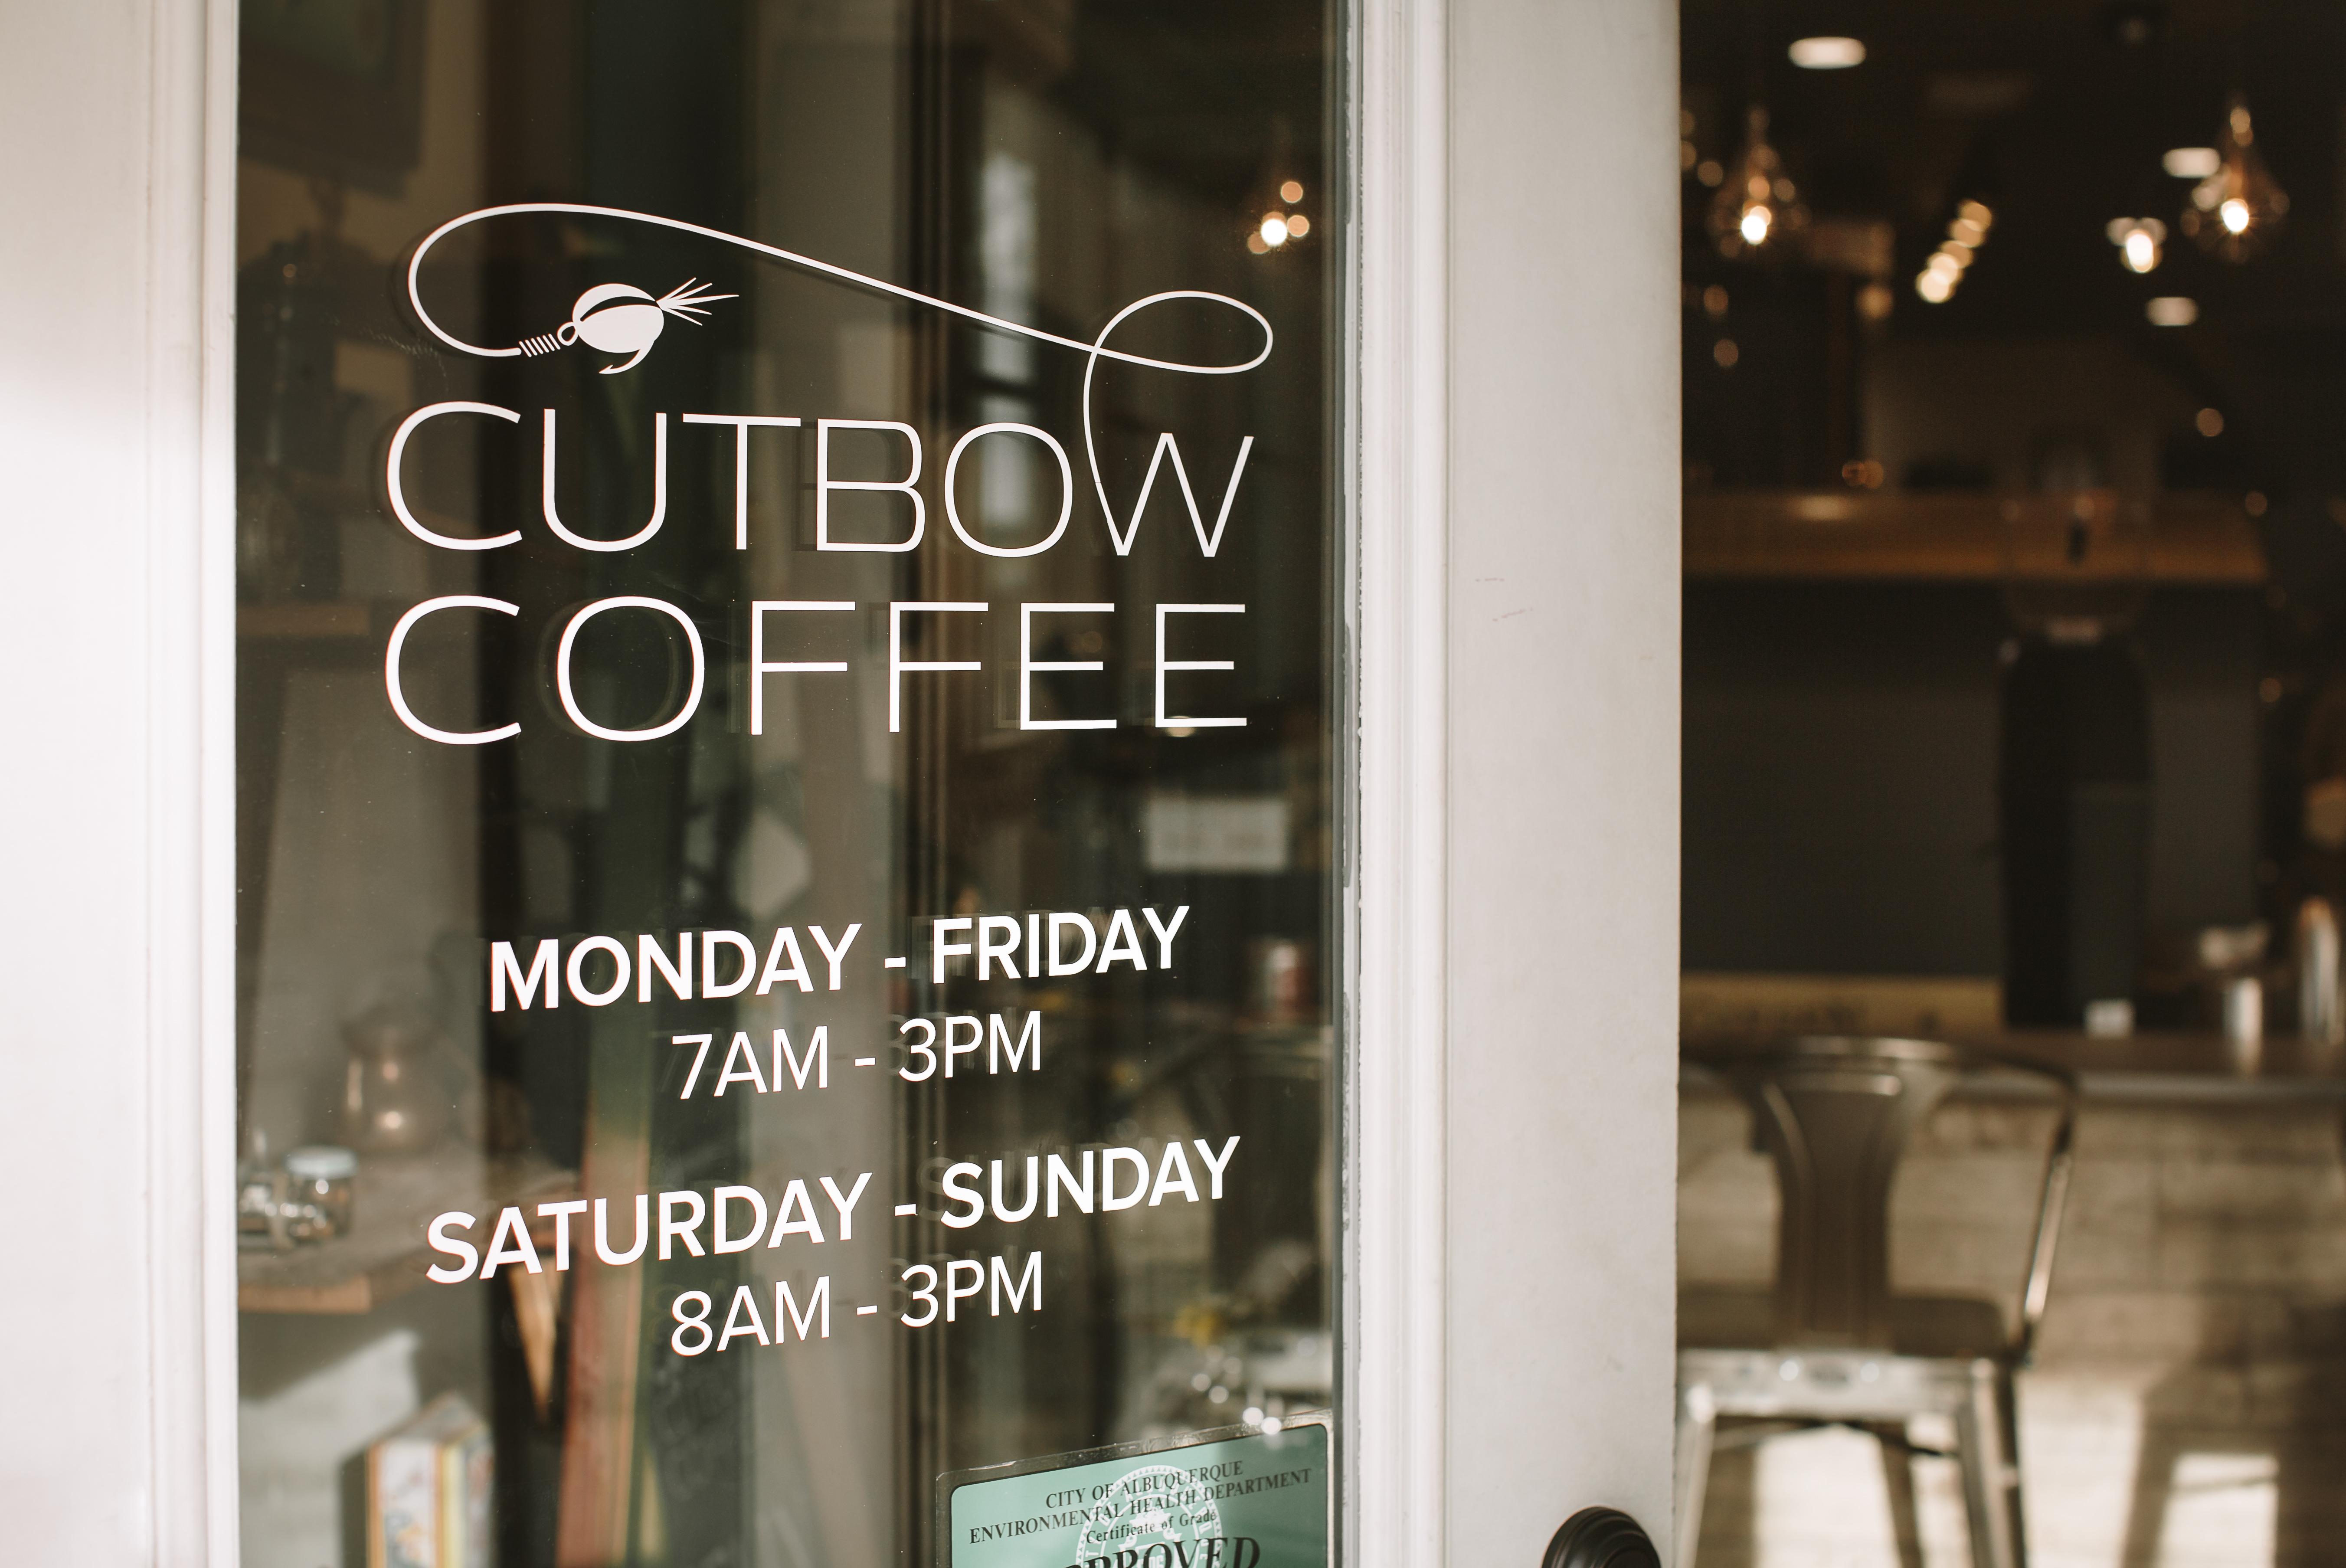 Cutbow-Coffee-37